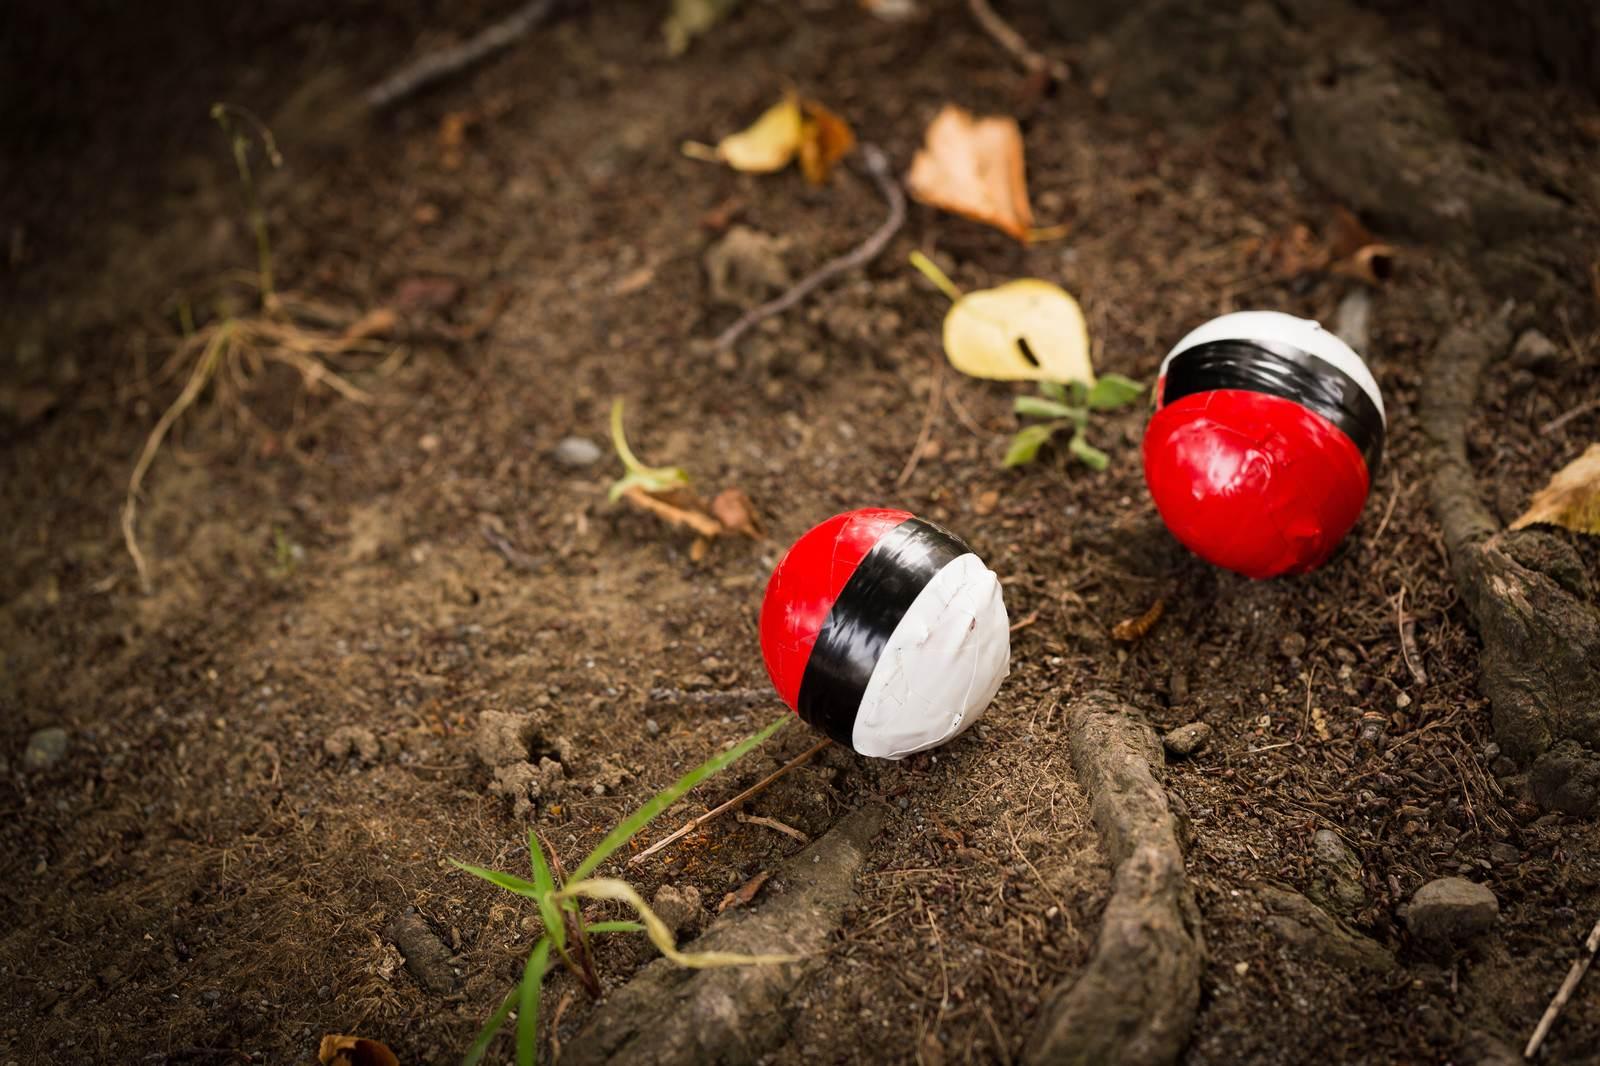 「山に生息している紅白ボール」の写真